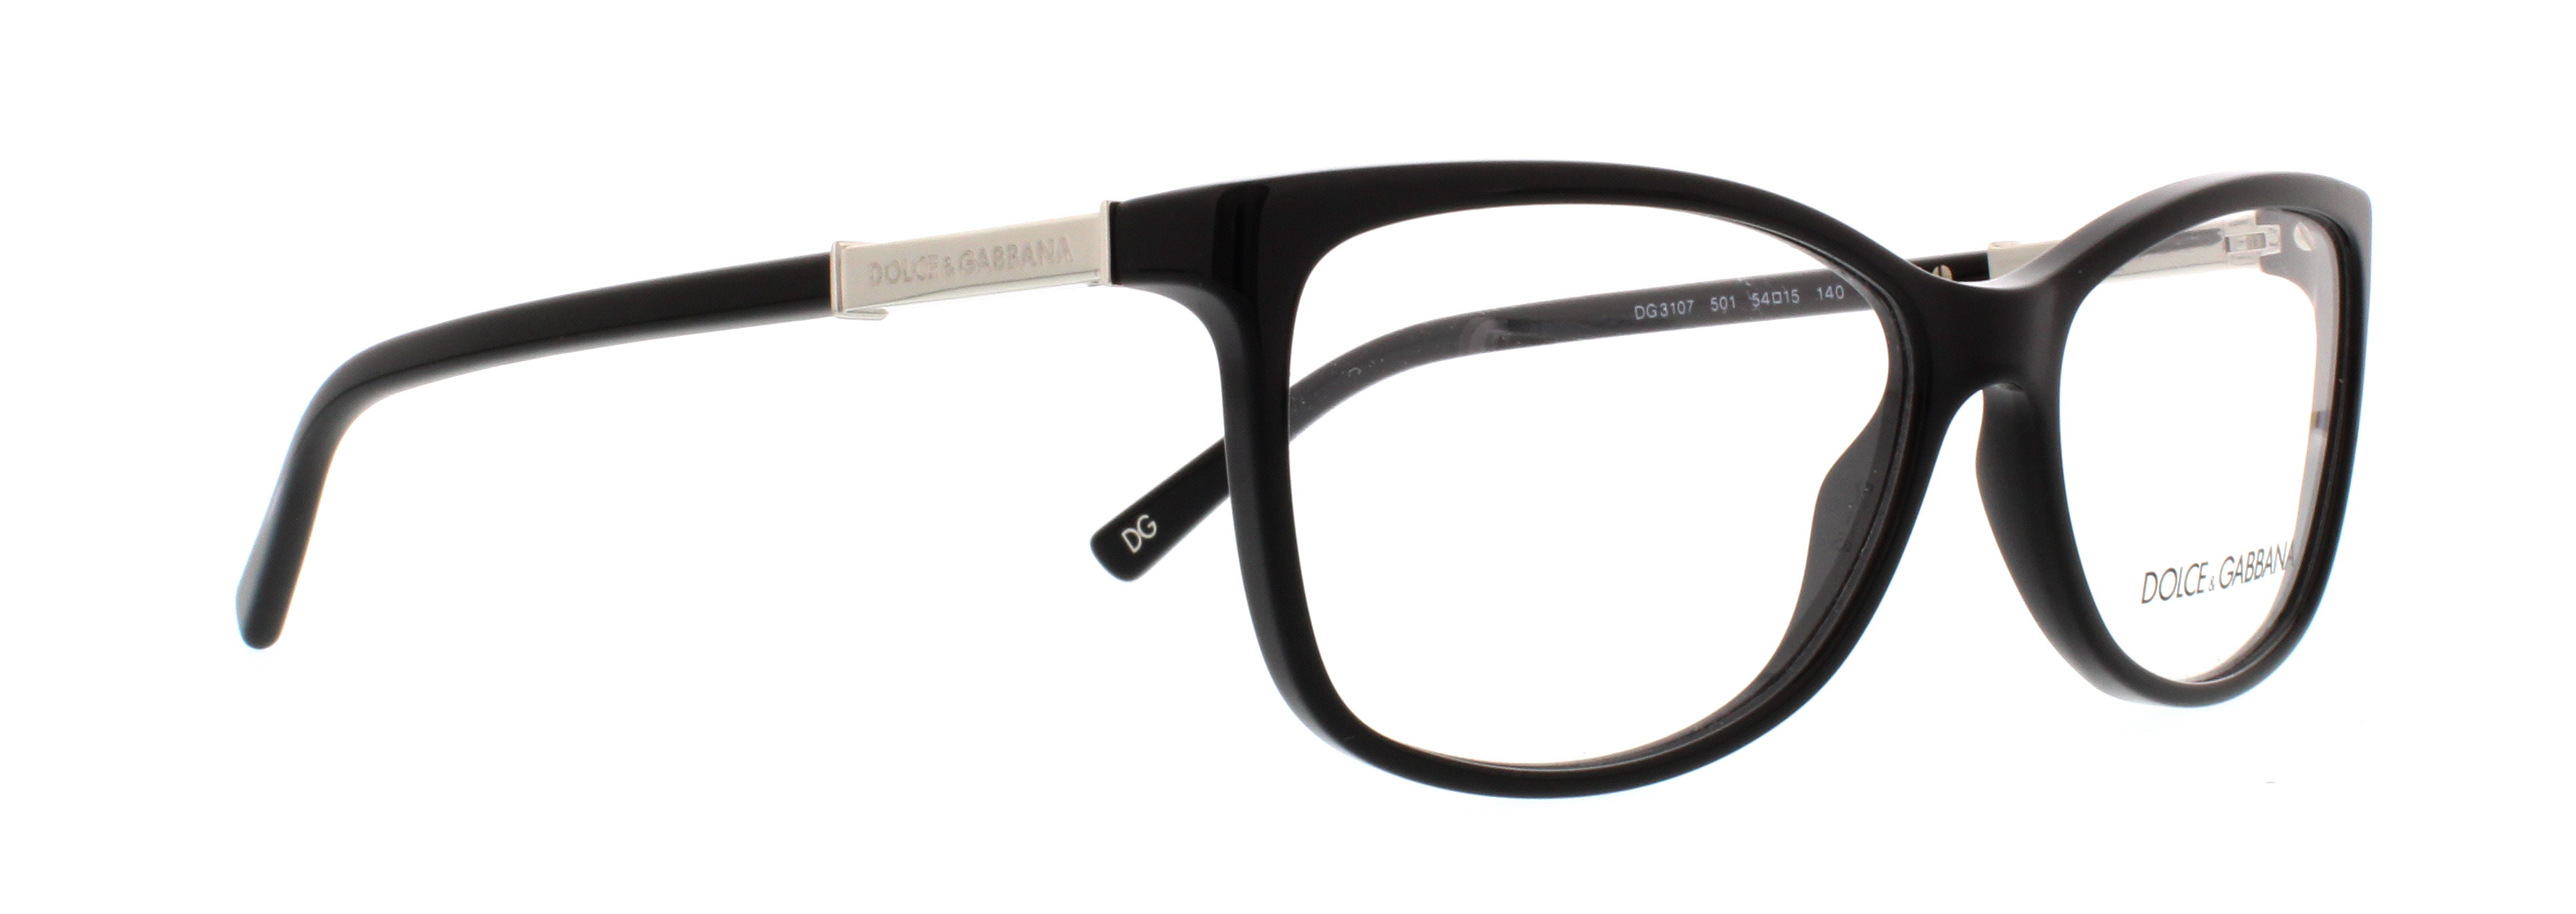 Designer Frames Outlet. Dolce & Gabbana DG3107